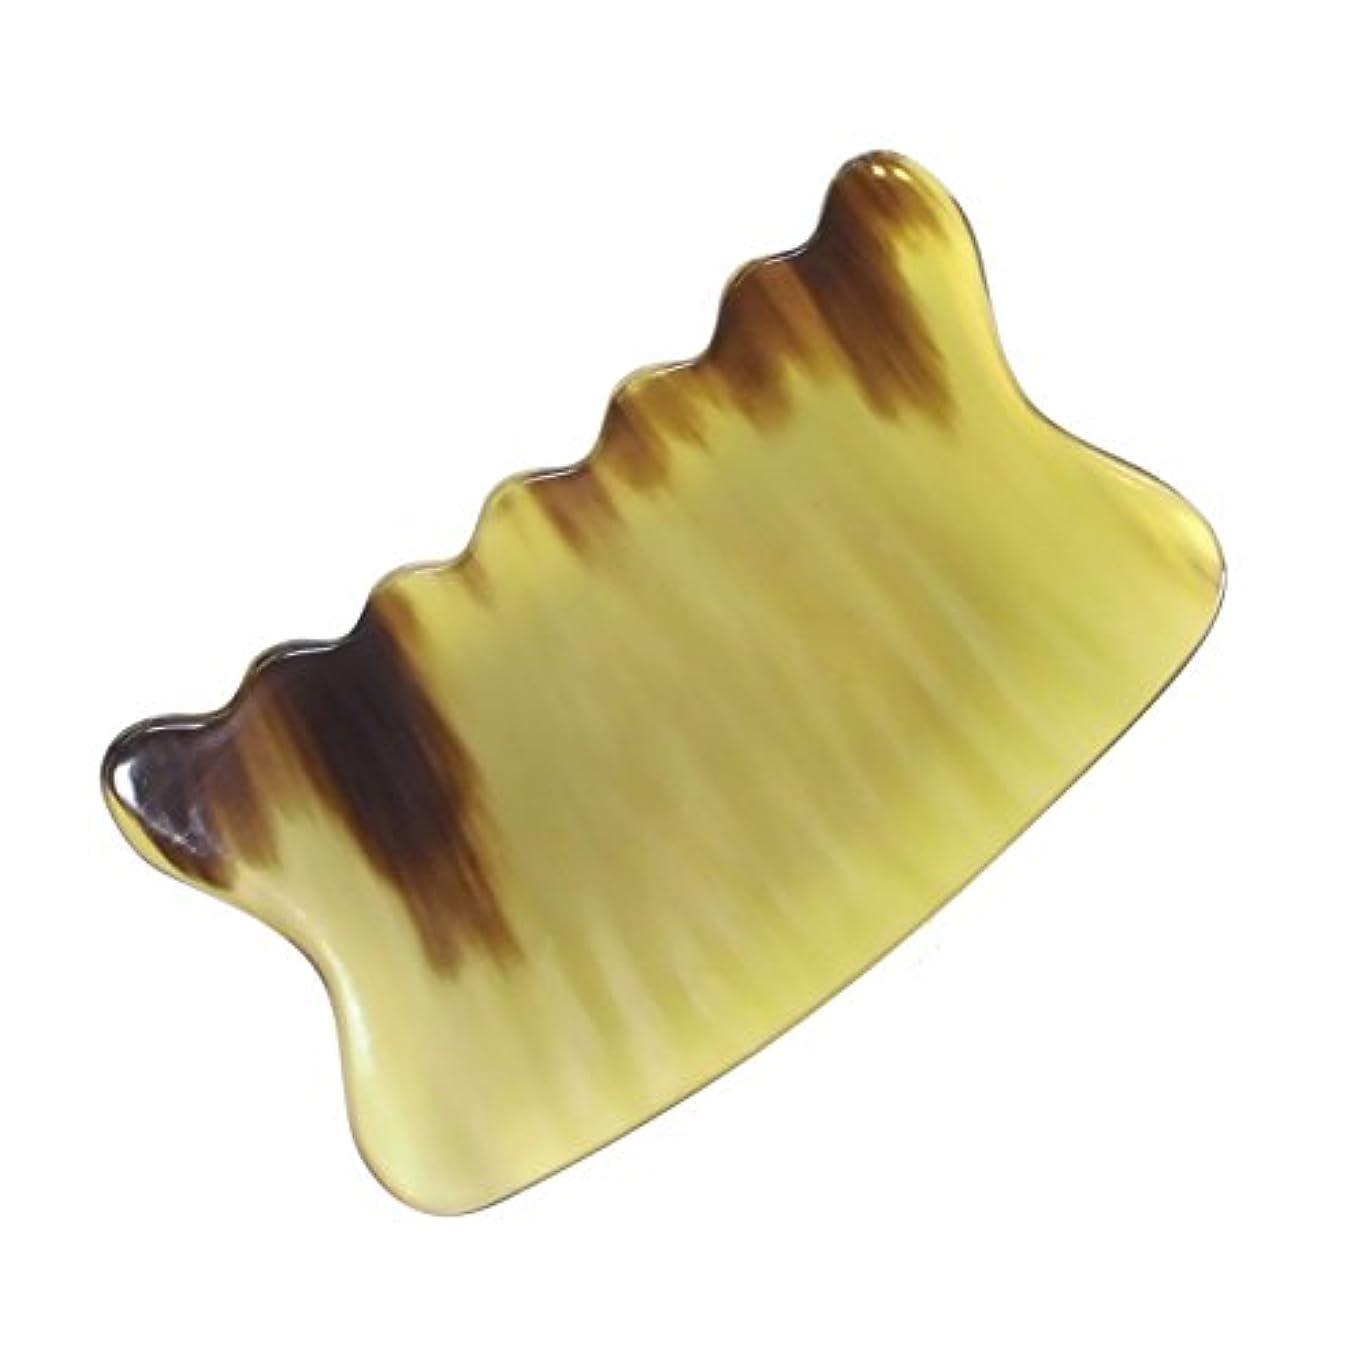 プール南パラシュートかっさ プレート 希少69 黄水牛角 極美品 曲波型